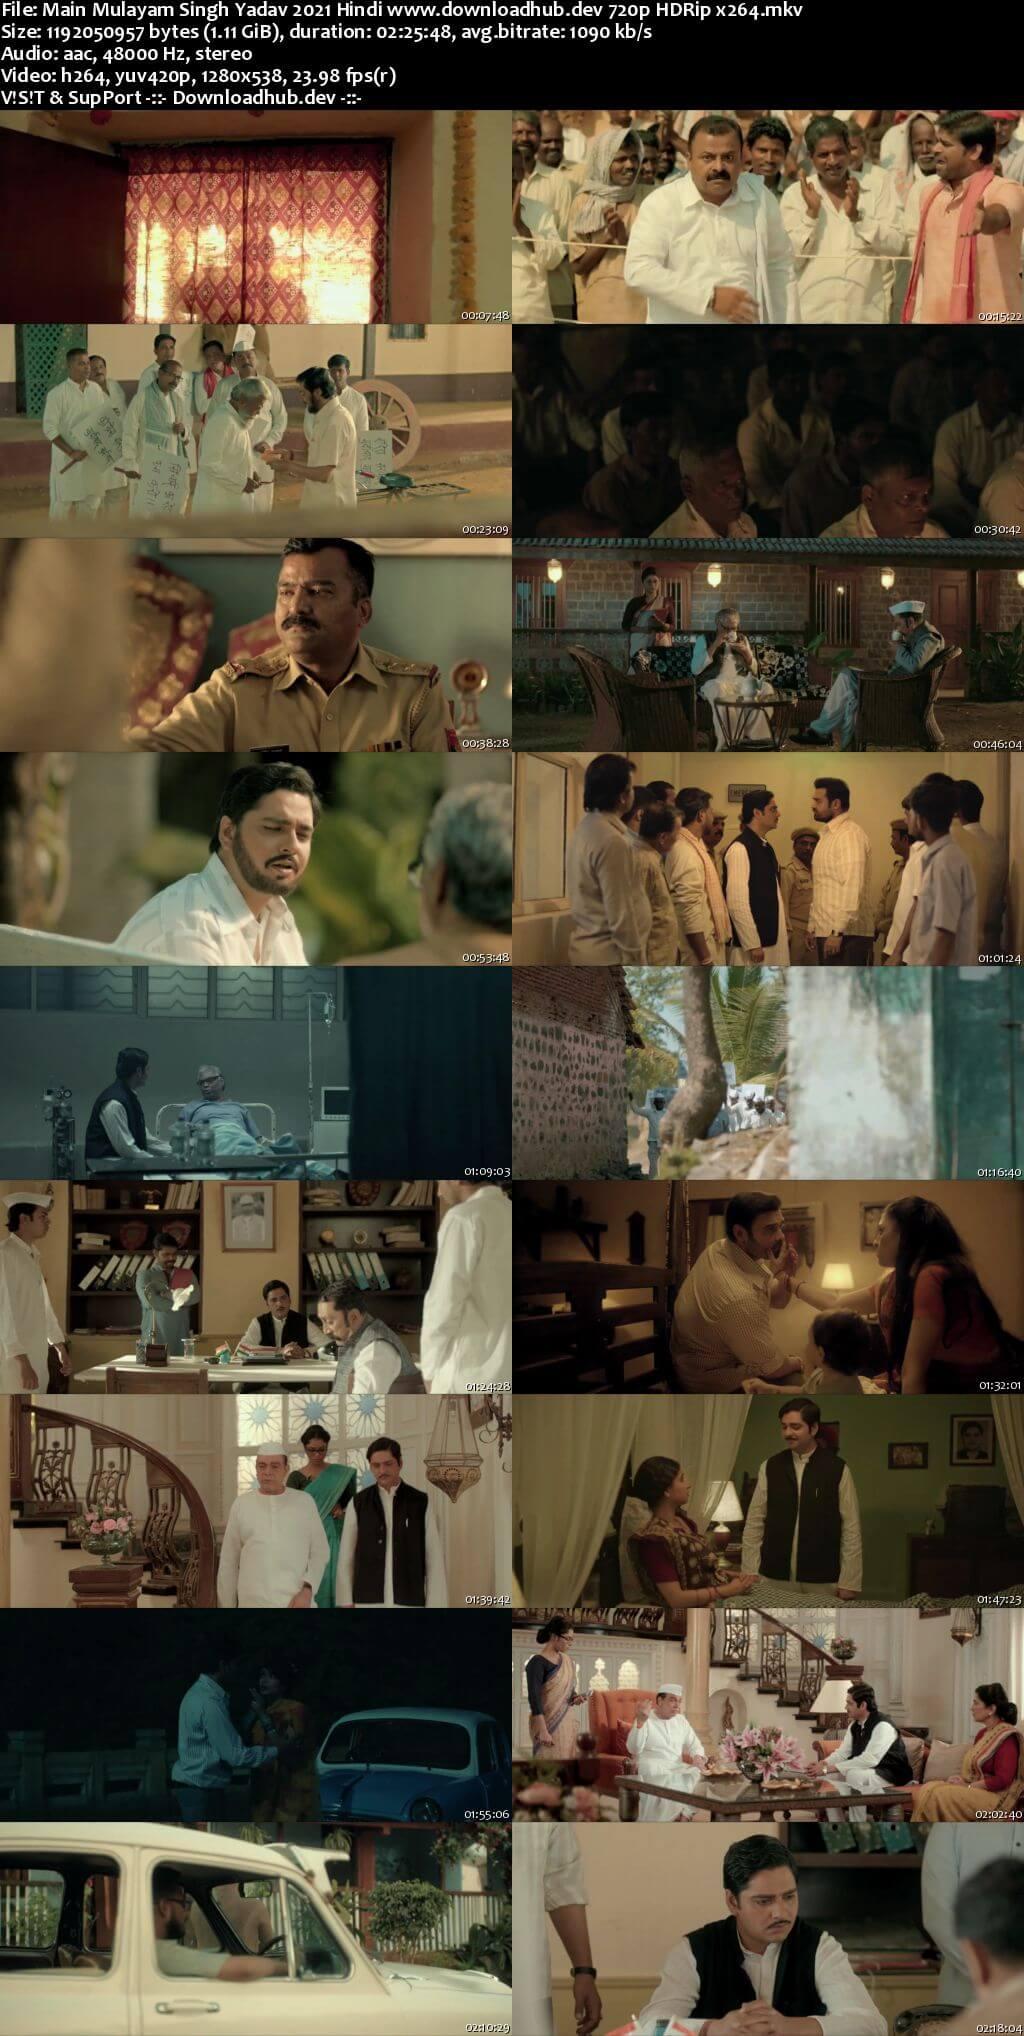 Main Mulayam Singh Yadav 2021 Hindi 720p HDRip x264